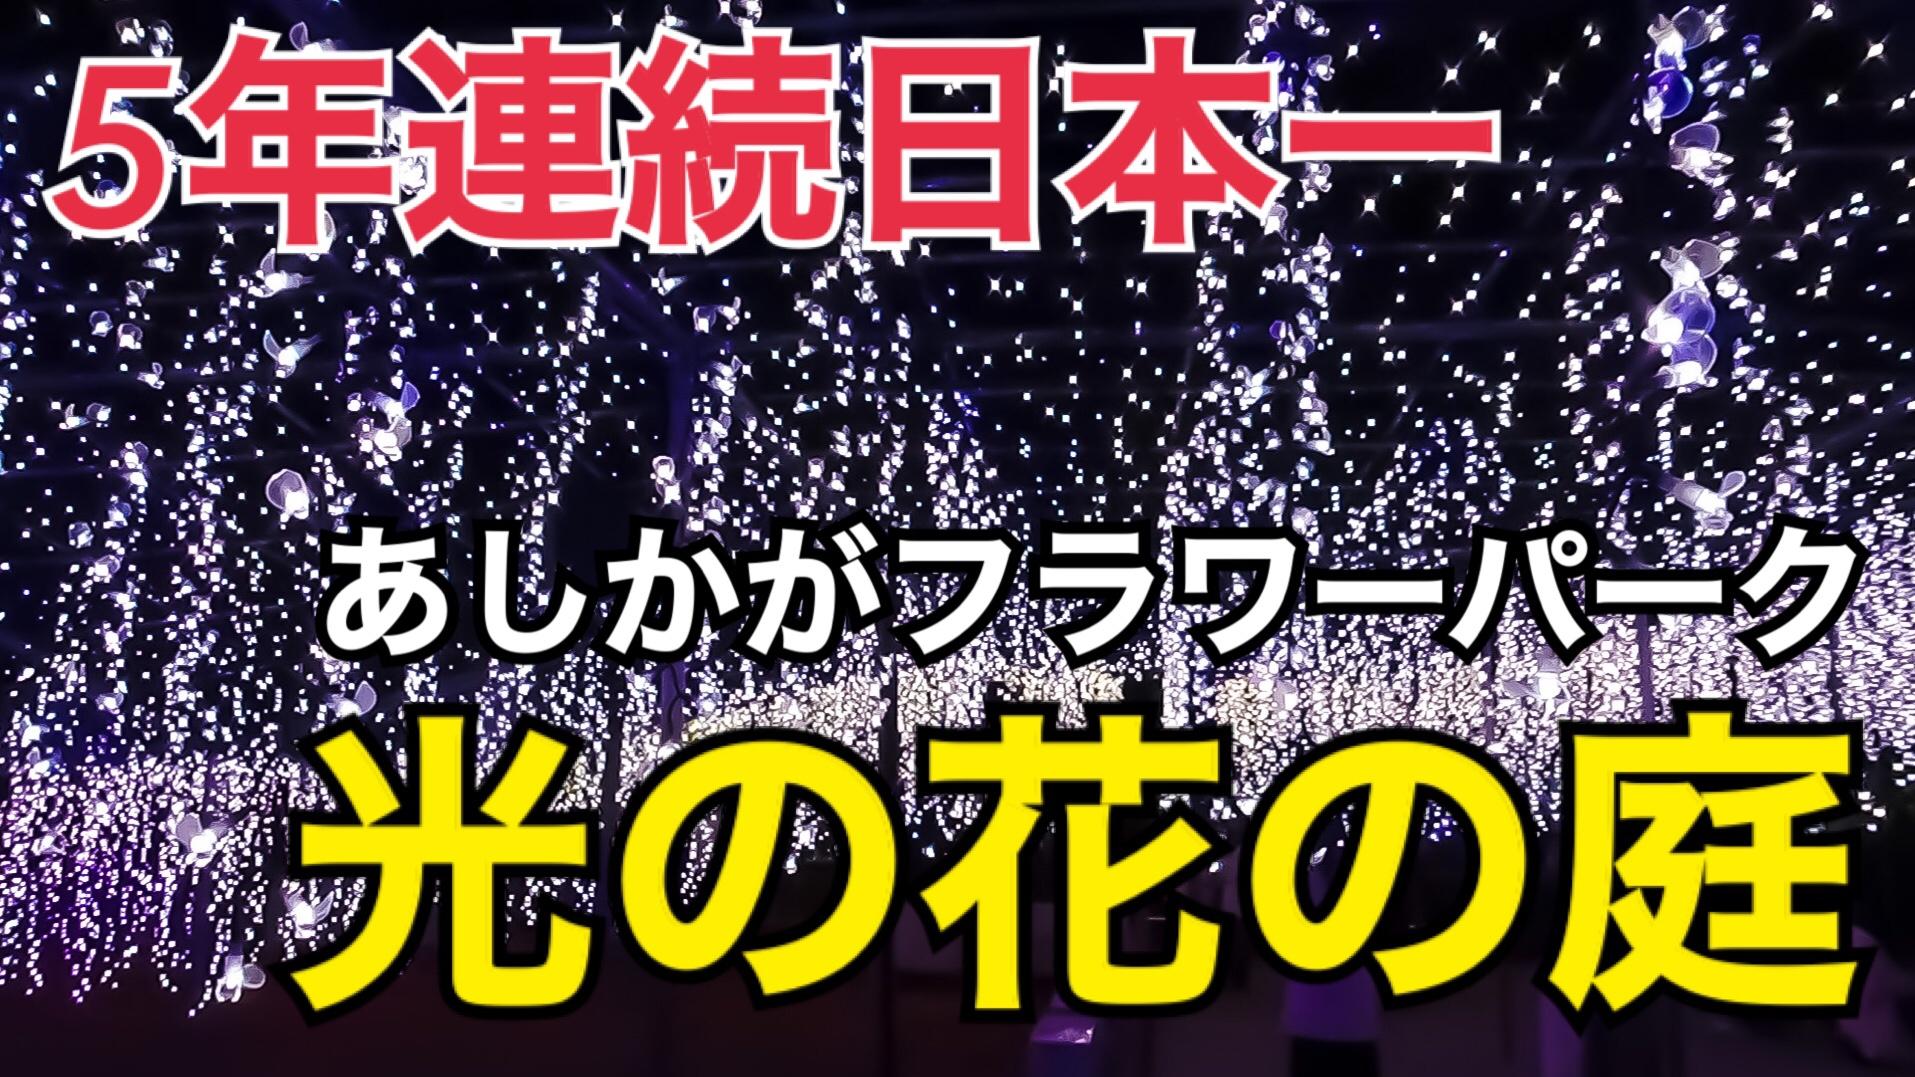 日本一のイルミネーション!あしかがフラワーパーク「光の花の庭」に行ってきた!【関東満喫の旅】